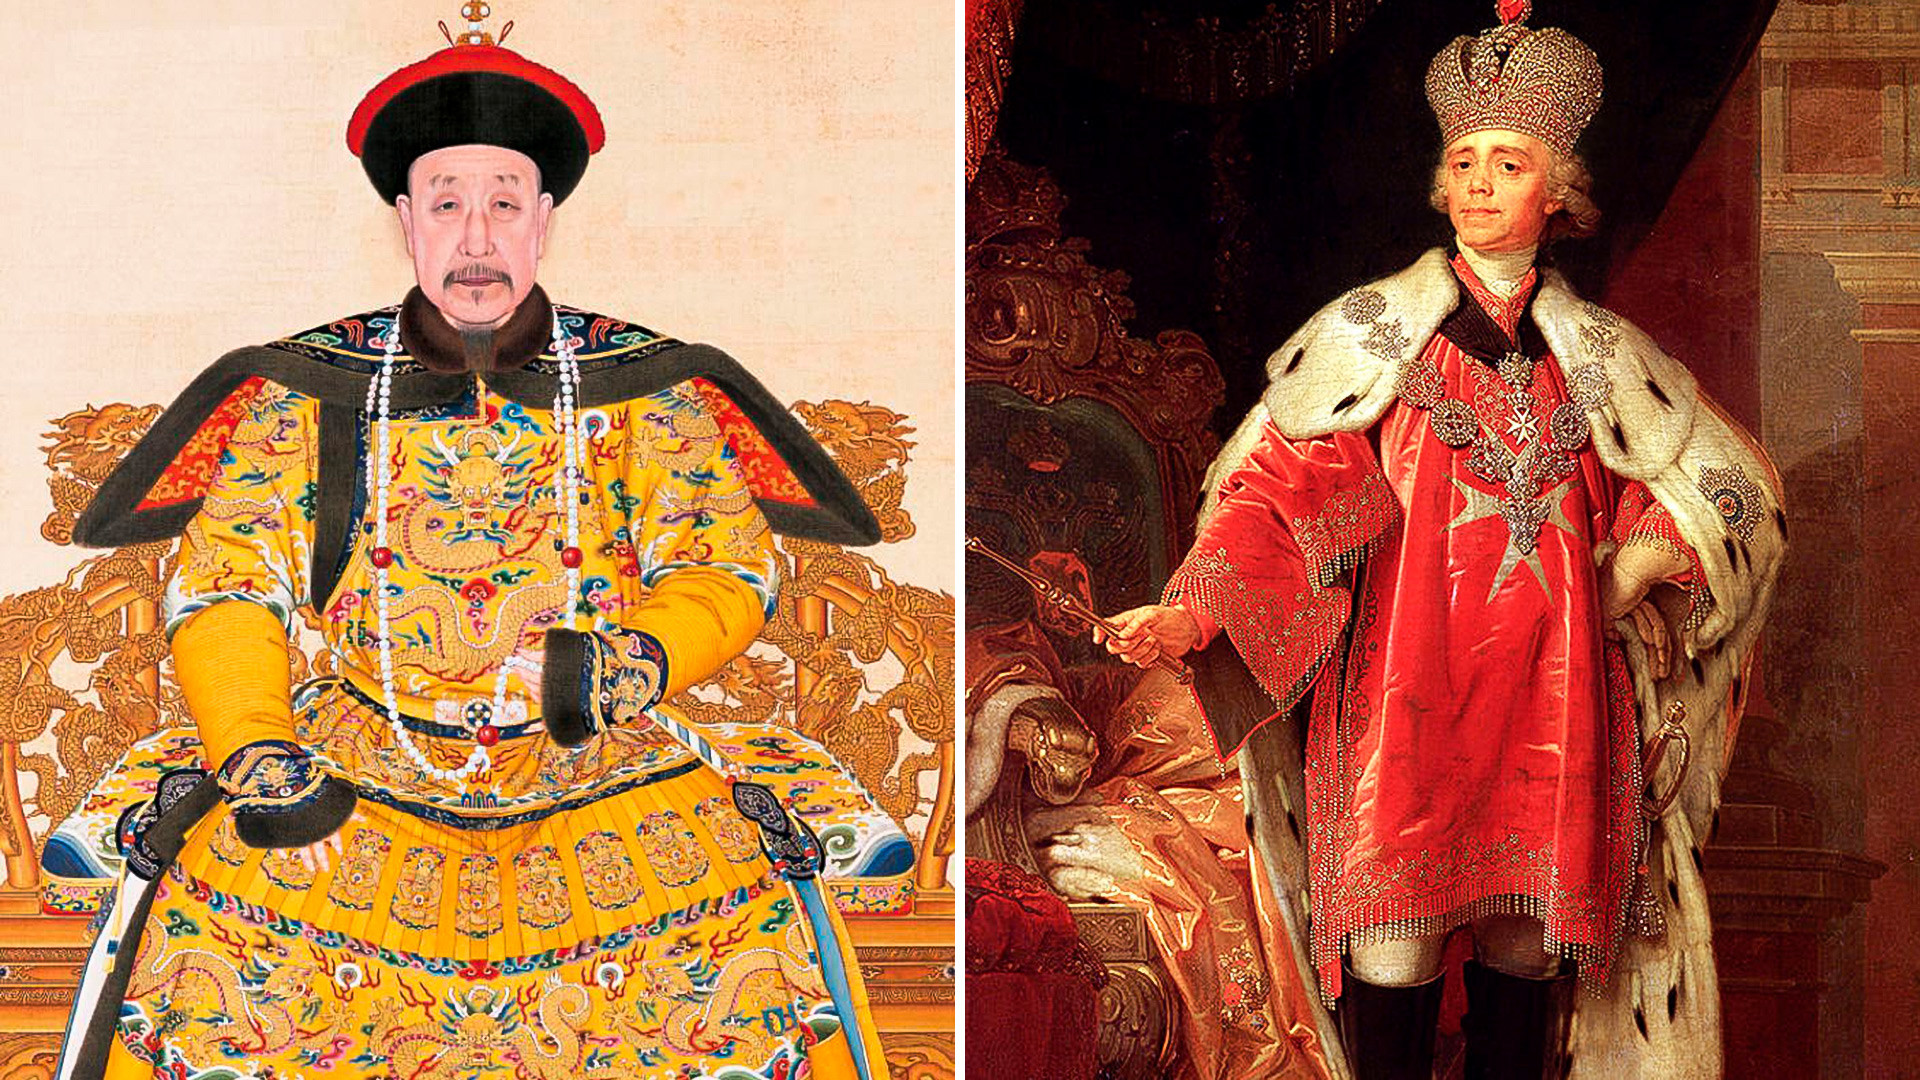 左:乾隆帝(在位期間1736-1796)の肖像画。右:戴冠衣装を着たロシアの皇帝、パーヴェル1世(在位期間1796-1801) の肖像画。